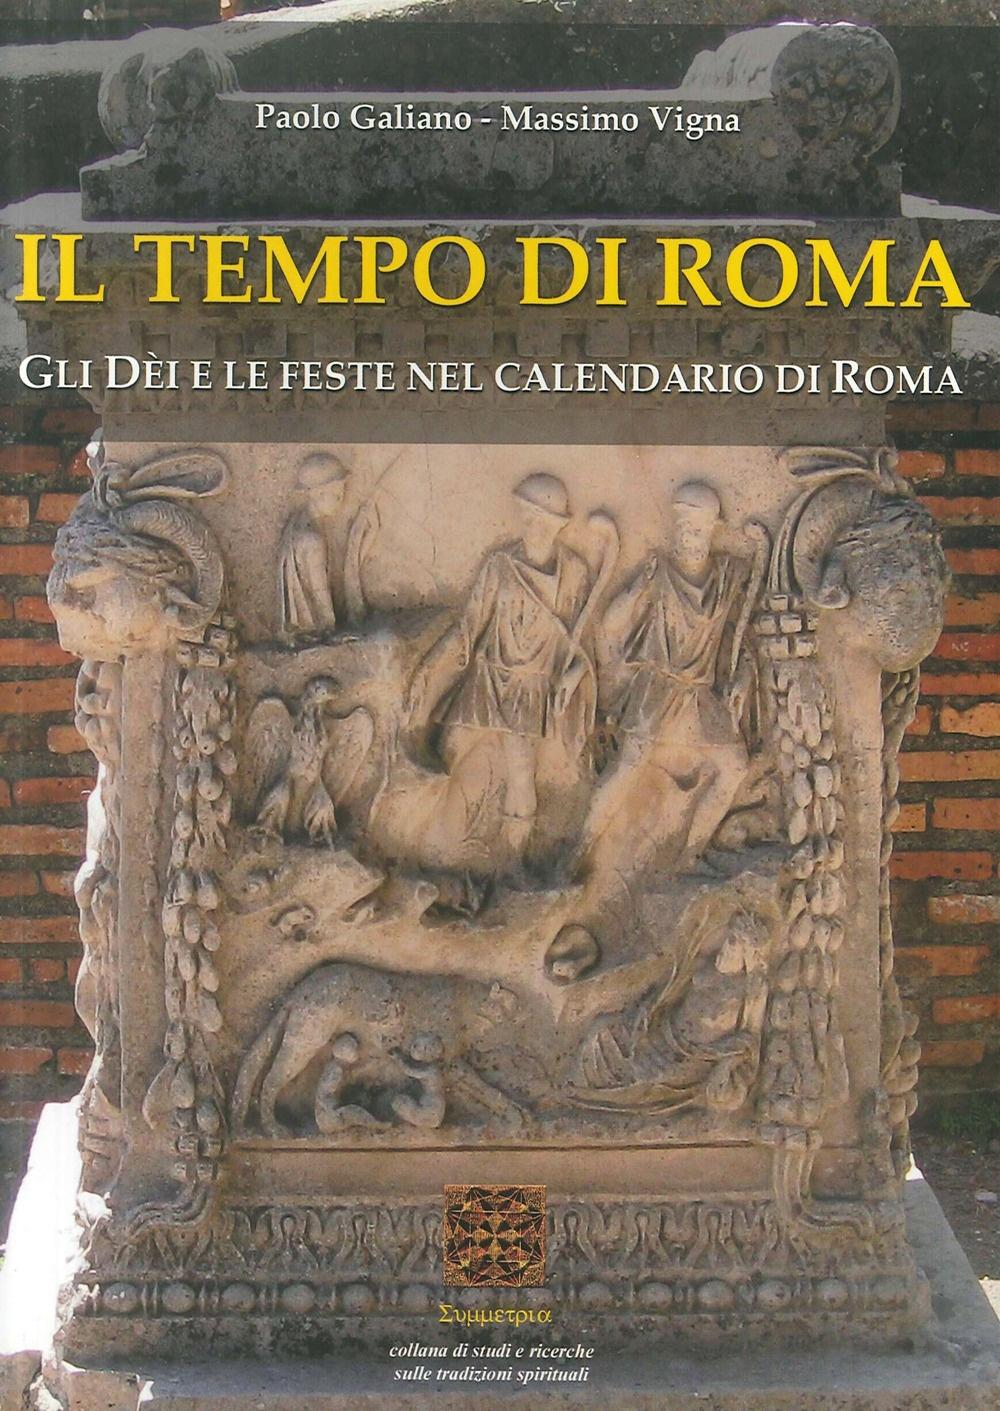 Il tempo di Roma. Gli Dèi e le feste nel Calendario di Roma.